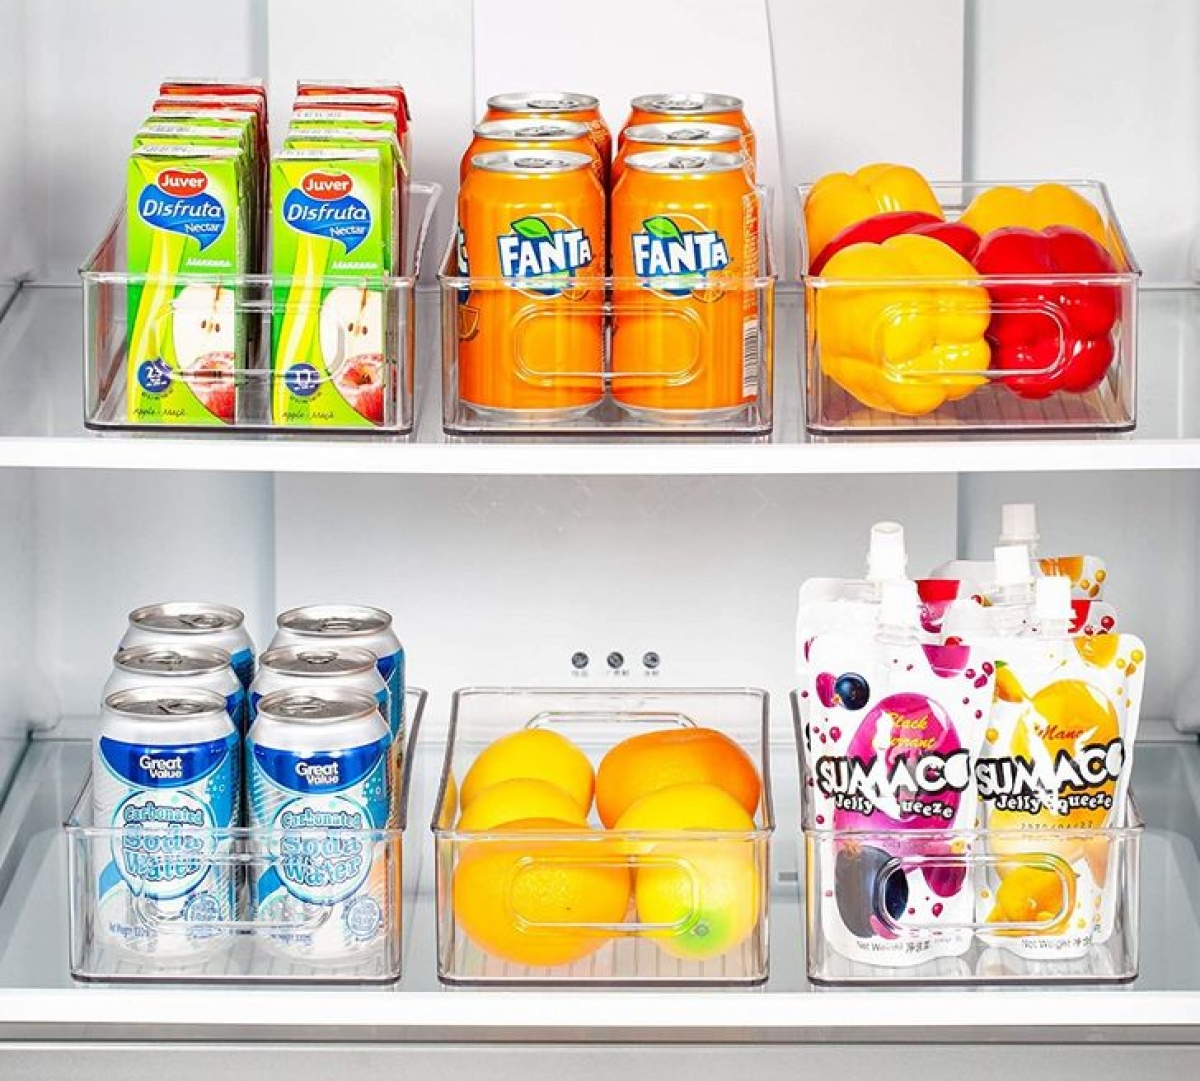 Phân loại như thế này giúp tủ lạnh xinh xắn và gọn gàng.